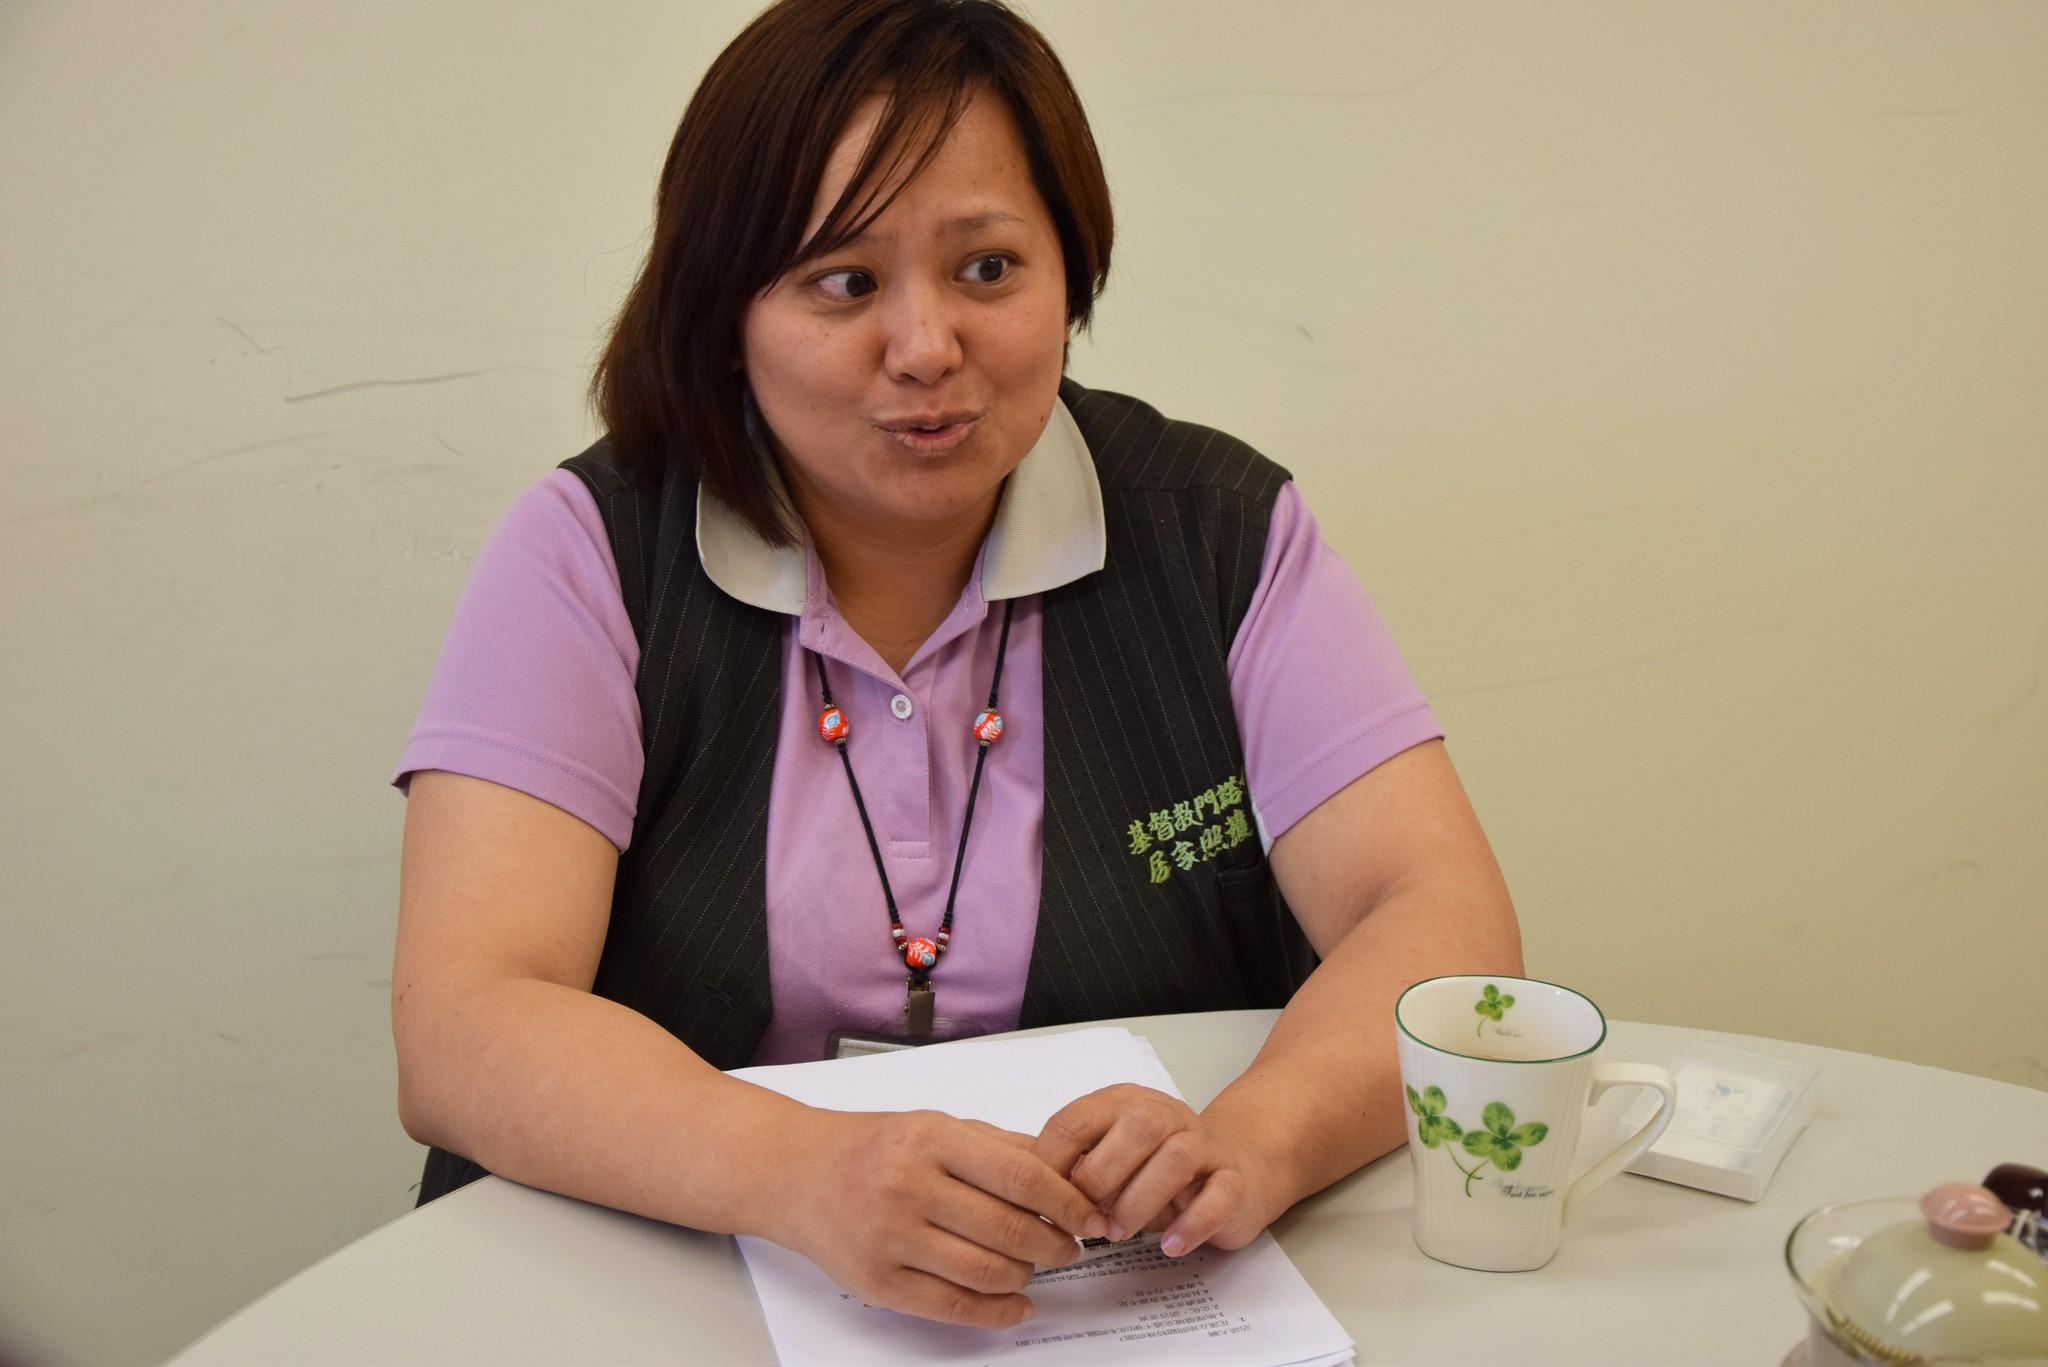 門諾醫院長期照護部的戴玉琴主任(攝影:吳易珊)